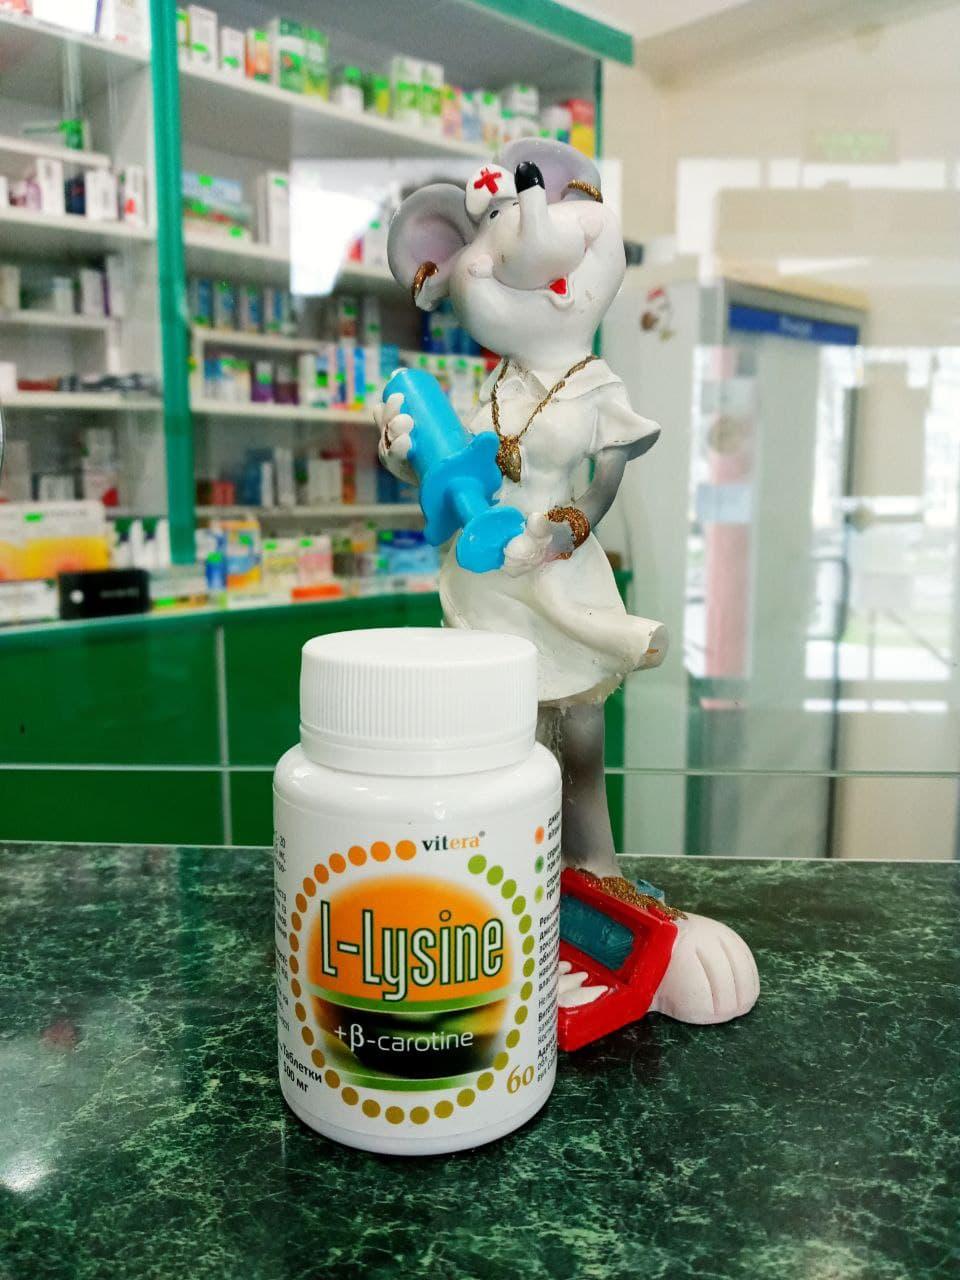 БАД L-Лизин как дополнительный источник аминокислоты для поддержания организма